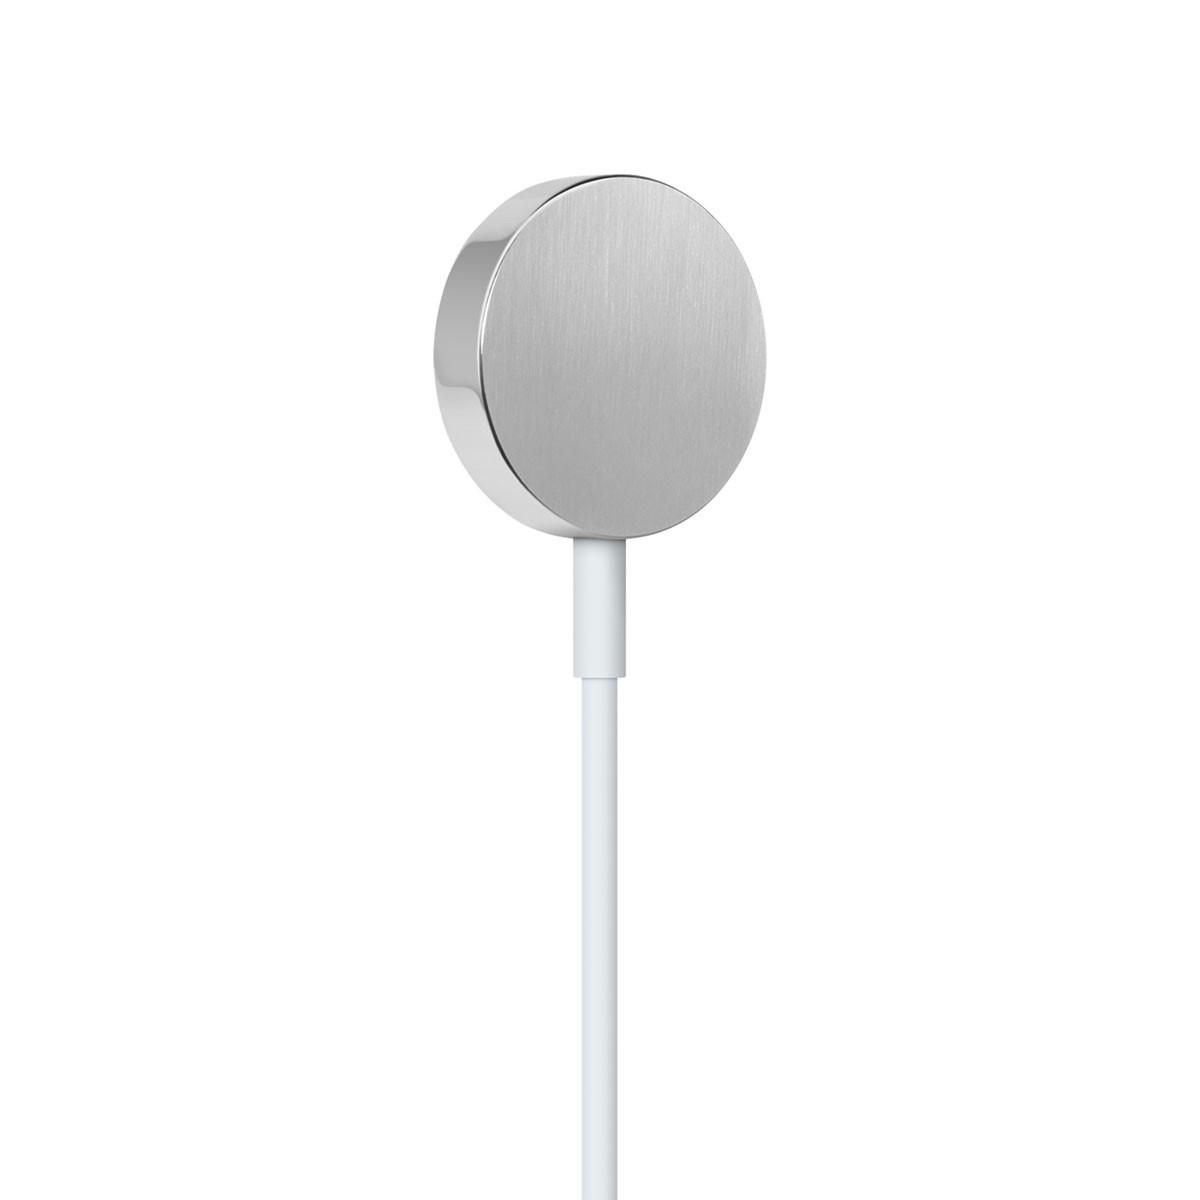 Magnetický nabíjecí kabel pro Apple Watch (1 m)